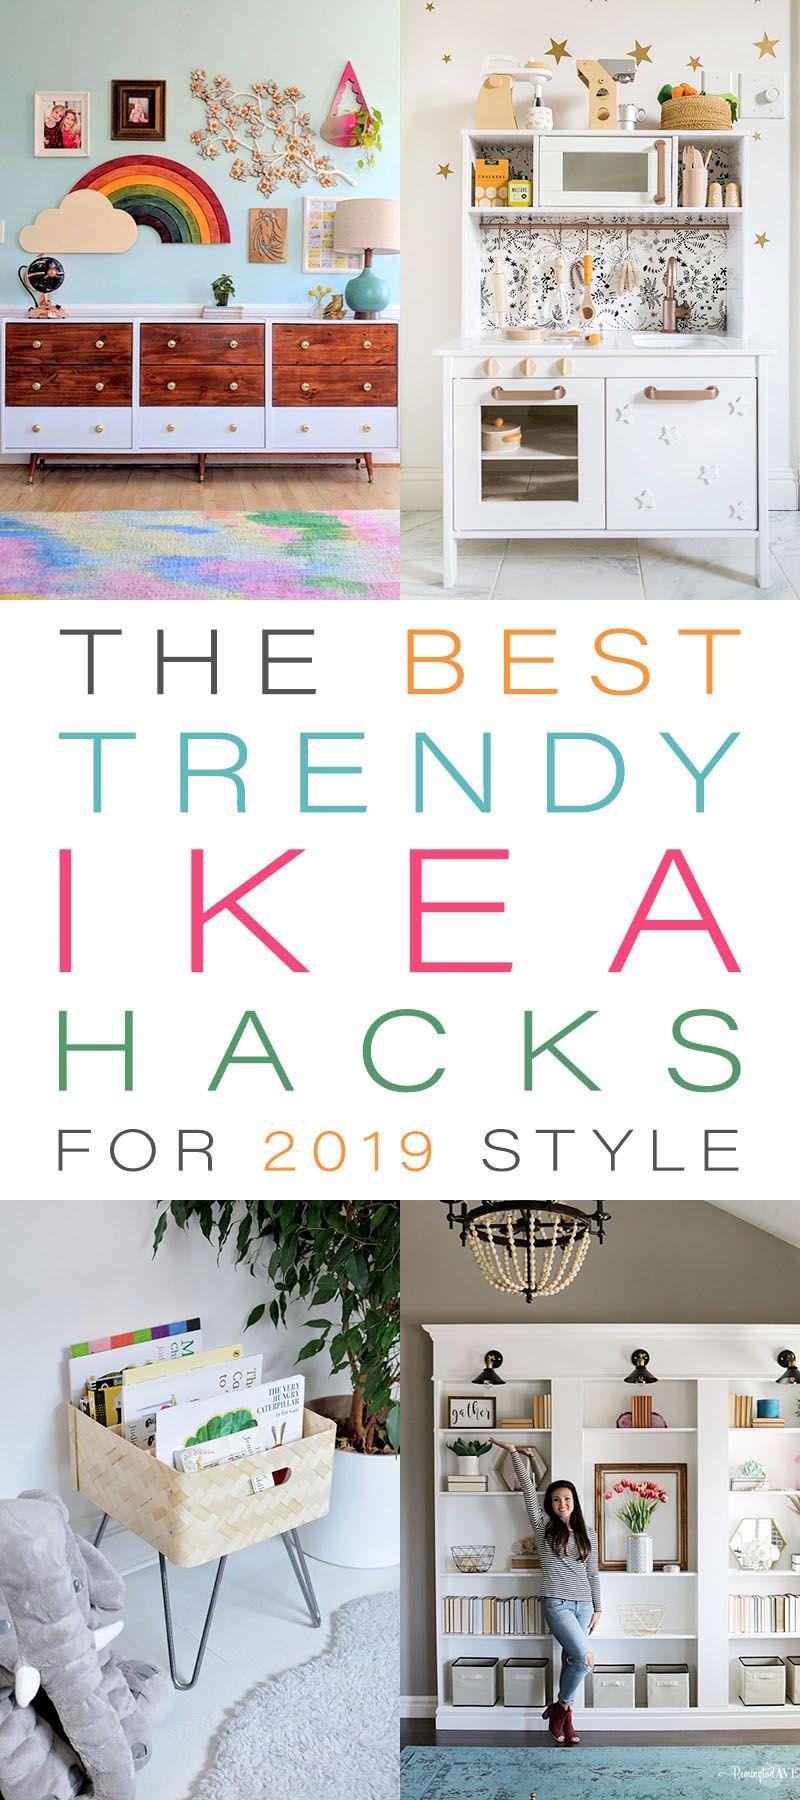 Full Size of Ikea Hacks The Best Trendy For 2019 Style Furniture Küche Kosten Miniküche Betten Bei Kaufen 160x200 Modulküche Sofa Mit Schlaffunktion Wohnzimmer Ikea Hacks